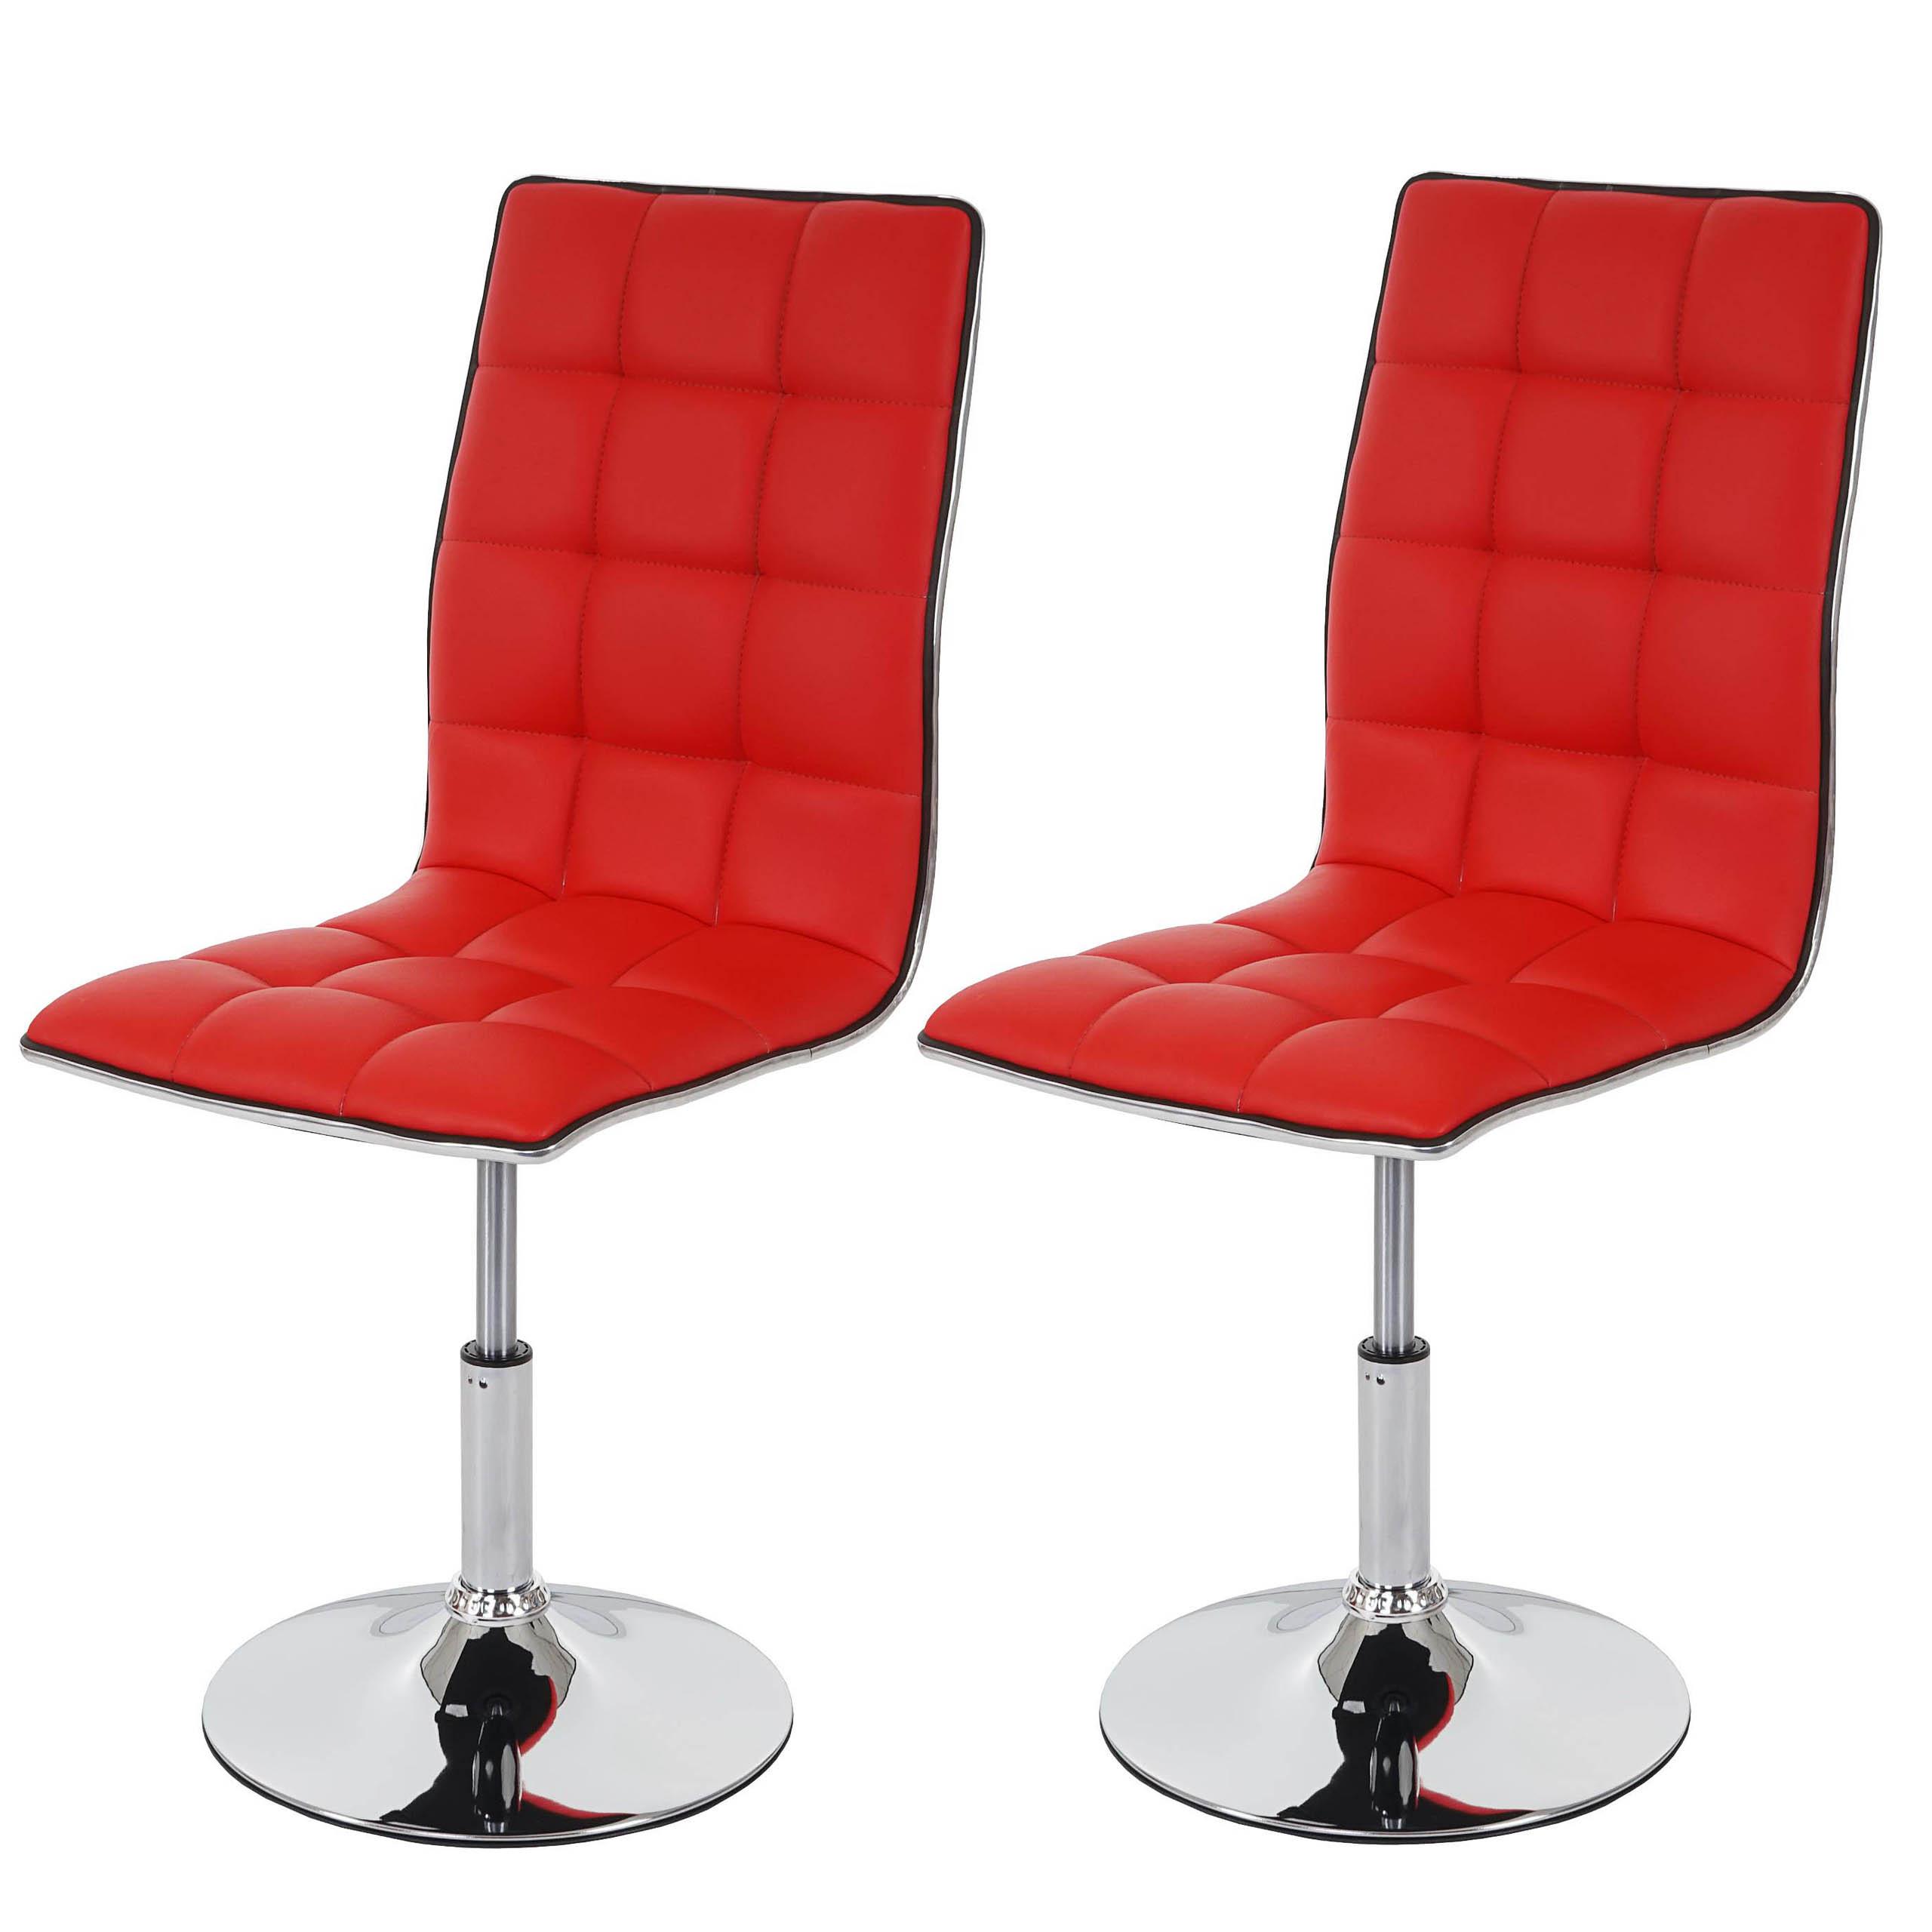 2x Esszimmerstuhl Mcw C41 Stuhl Lehnstuhl Kunstleder Rot Ebay